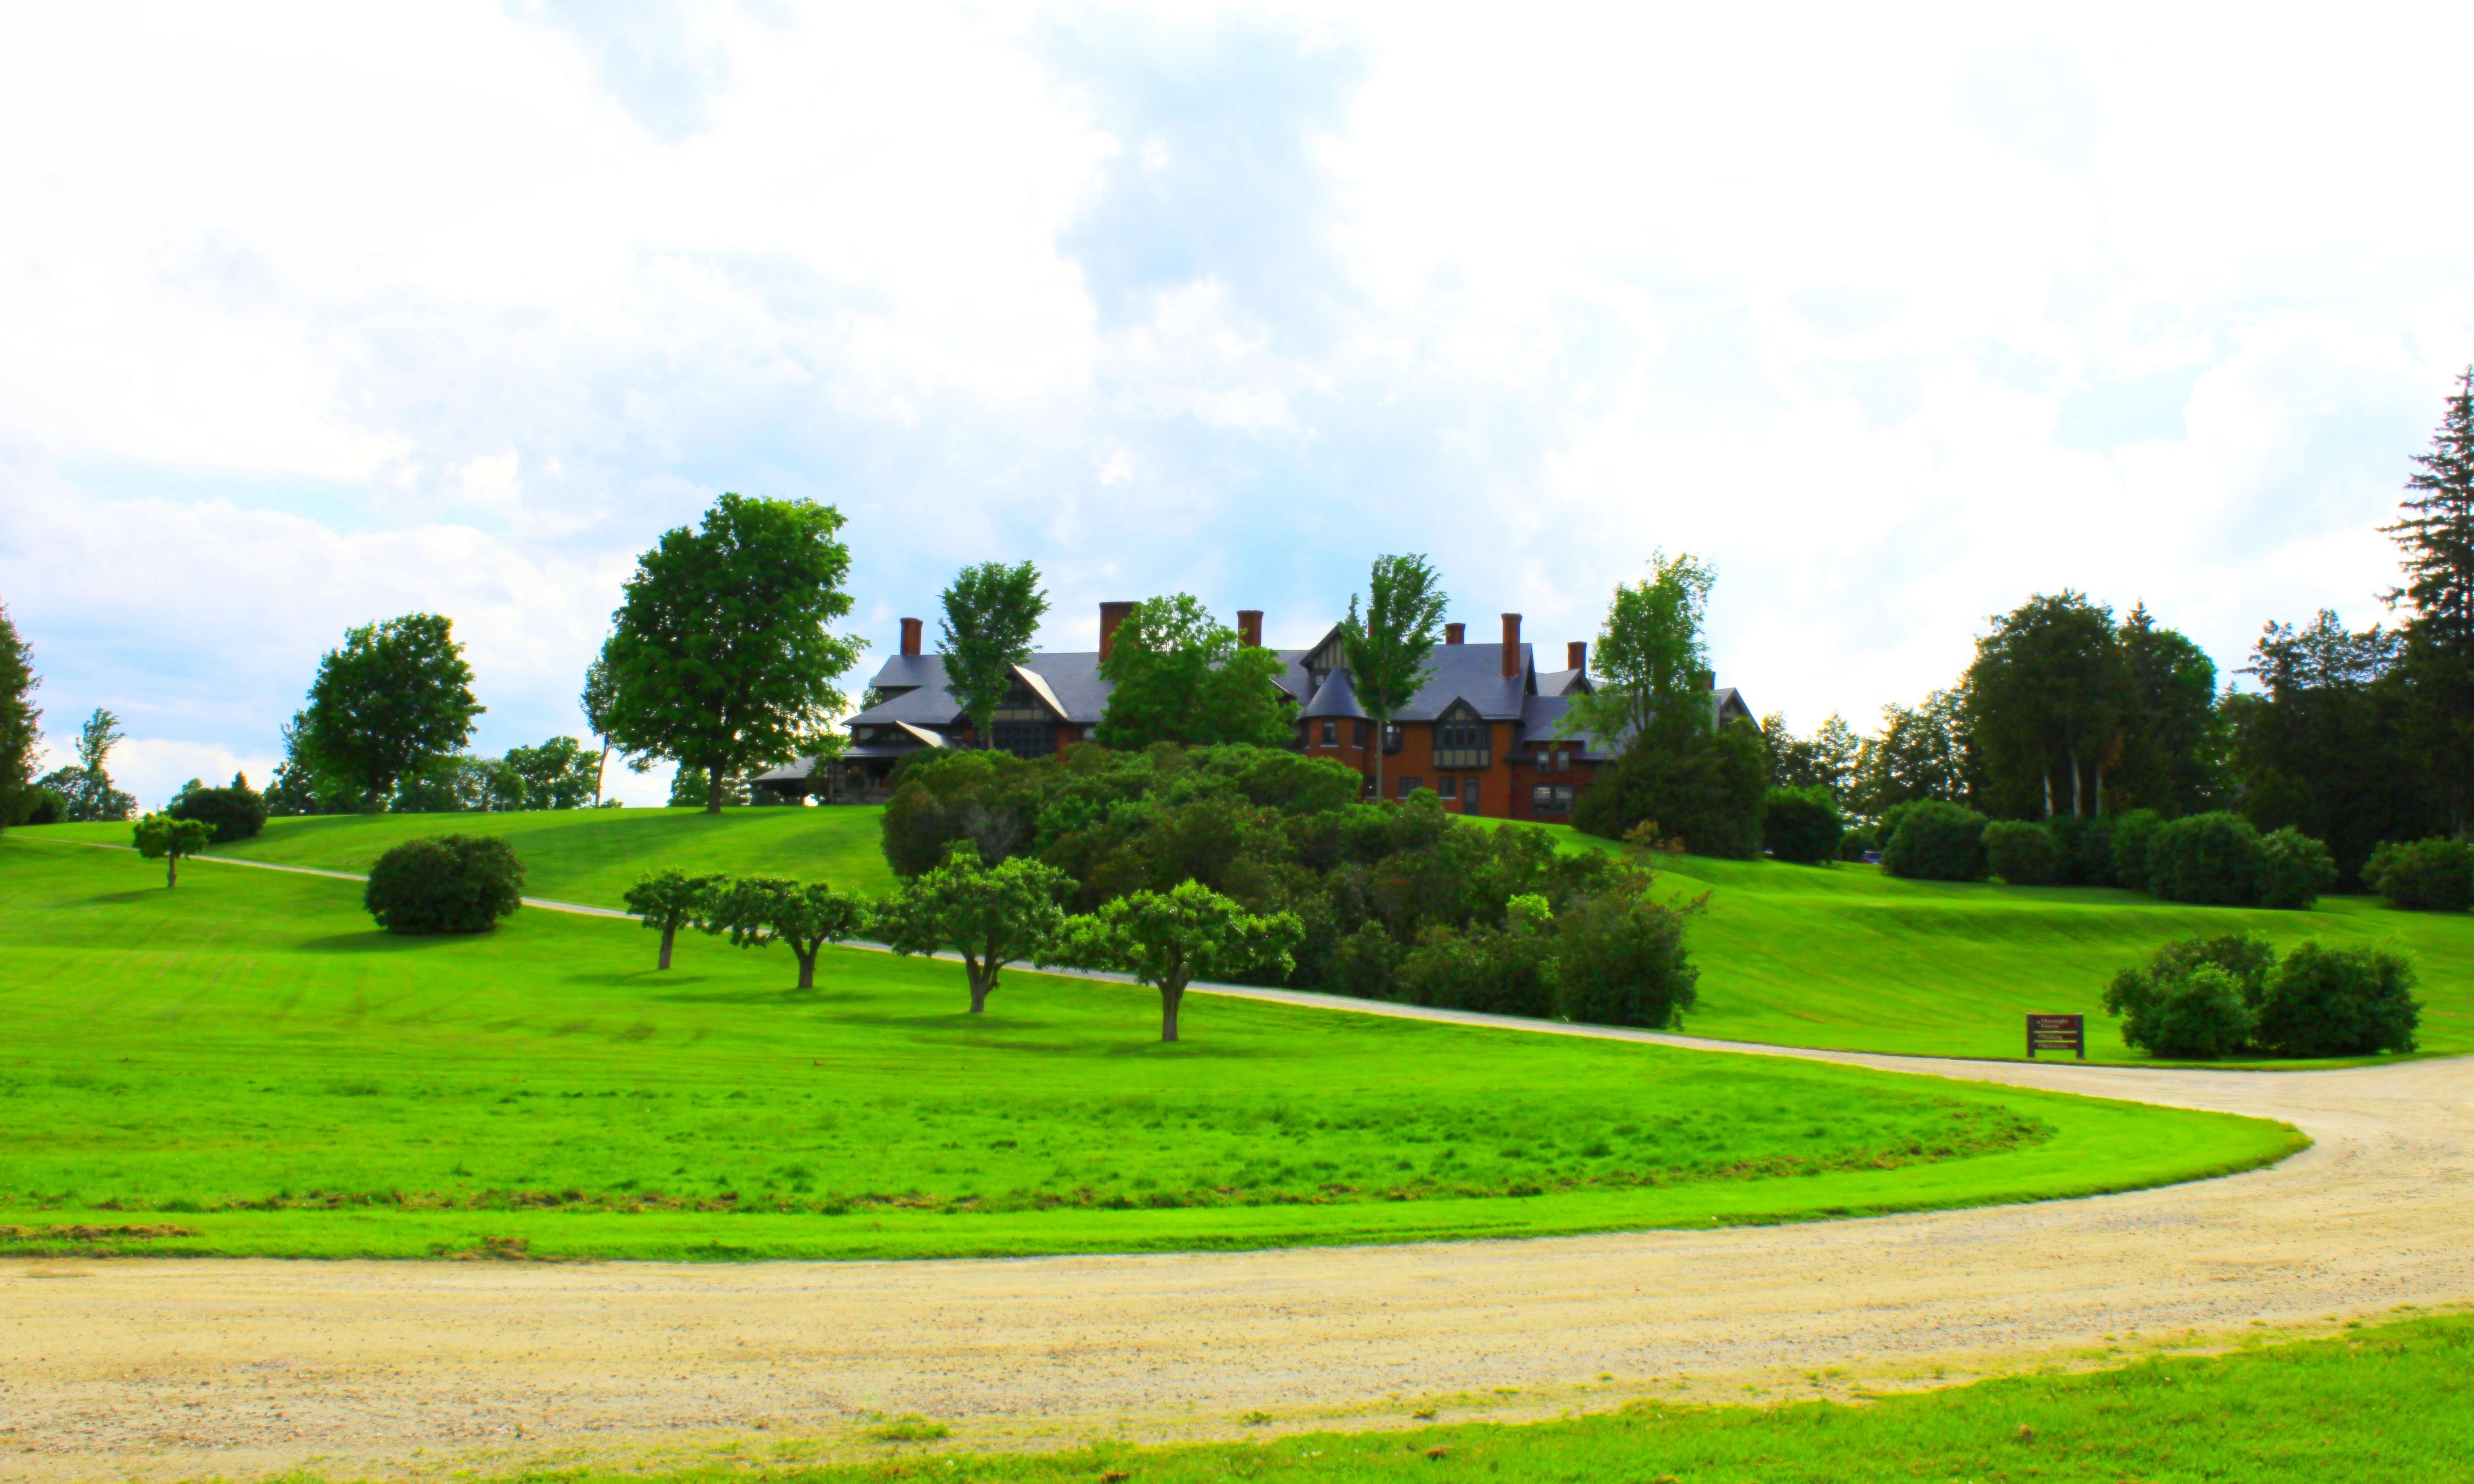 Shelburne Farms near Heart of the Village Inn